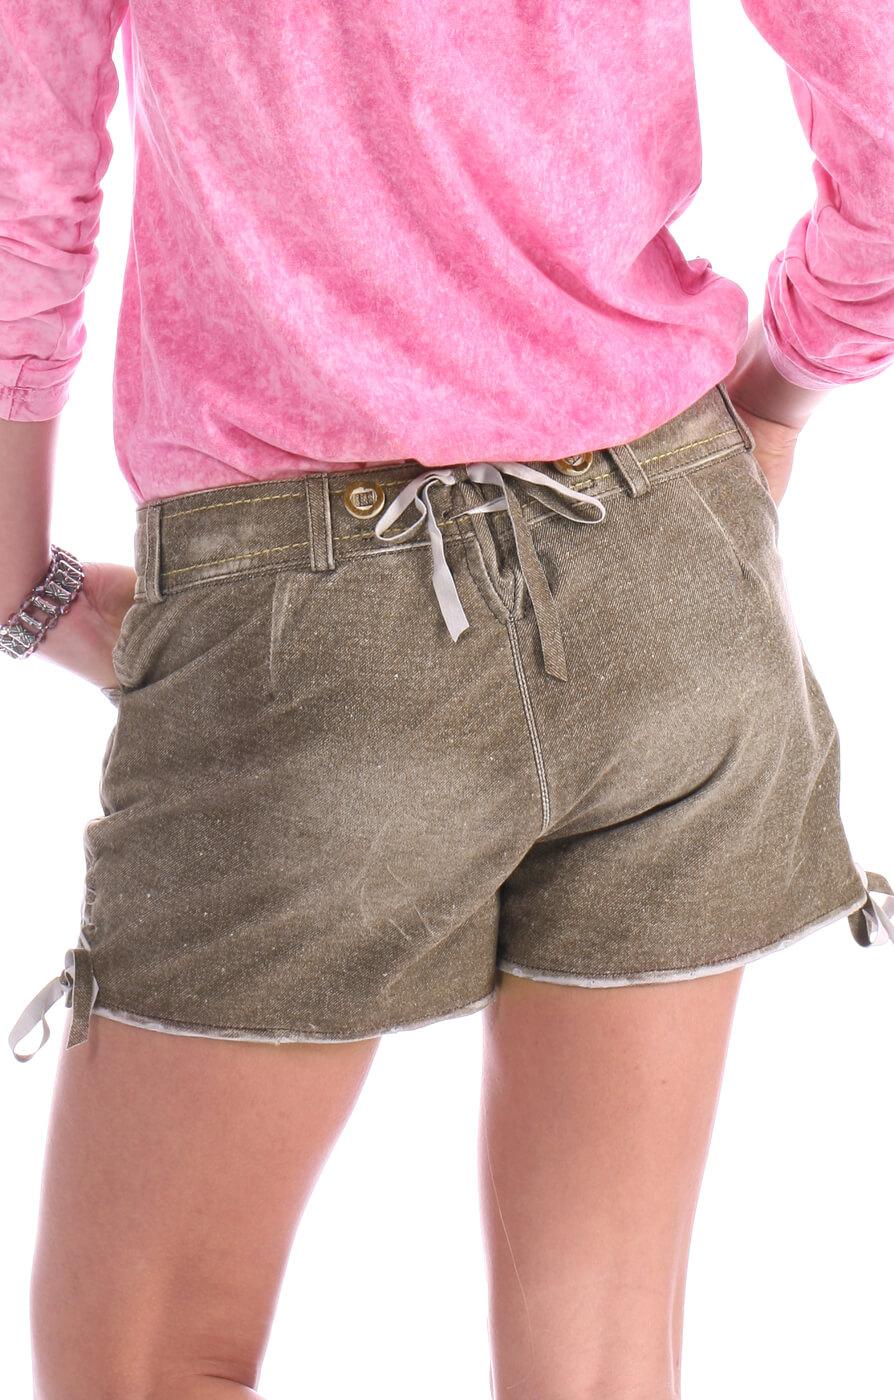 weitere Bilder von Tradizionale Pantaloncini di pelle corta MEDA marrone